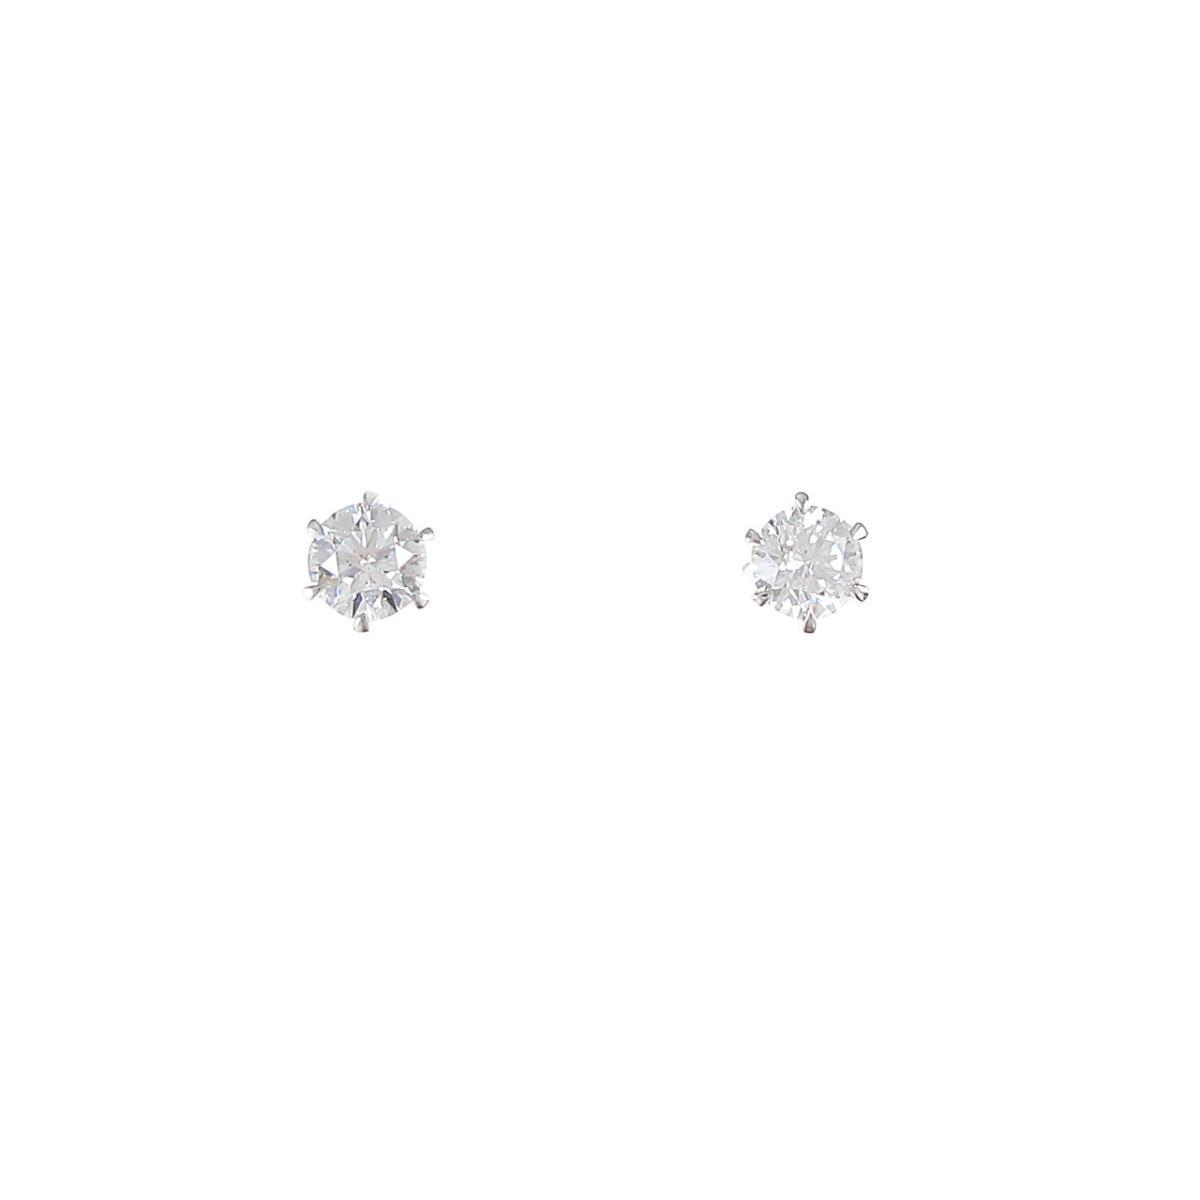 【リメイク】プラチナ/ST ダイヤモンドピアス 0.213ct・0.234ct・D・VS1・EXT H&C【中古】